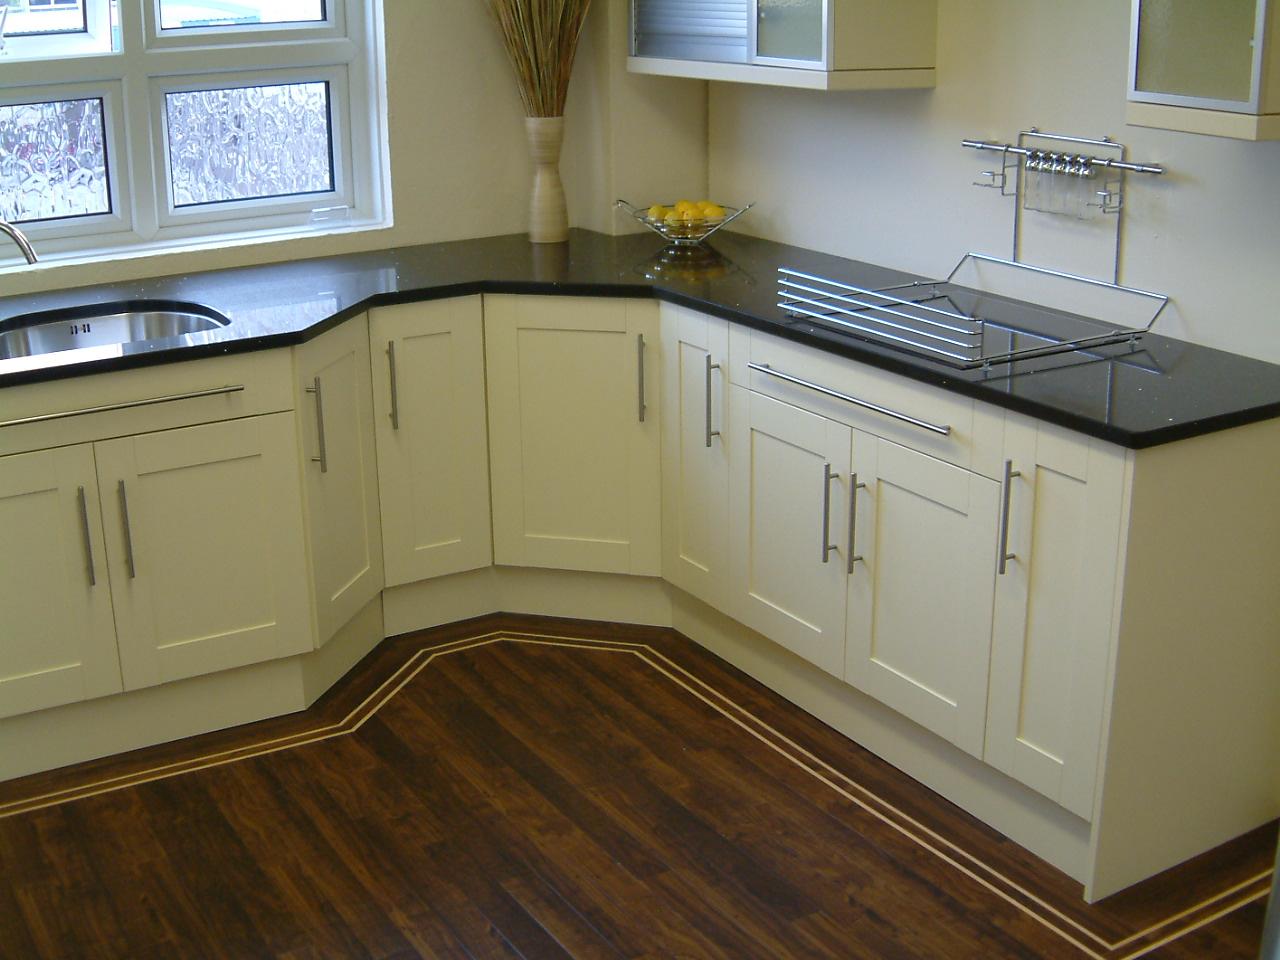 Kitchen decor items photo - 2